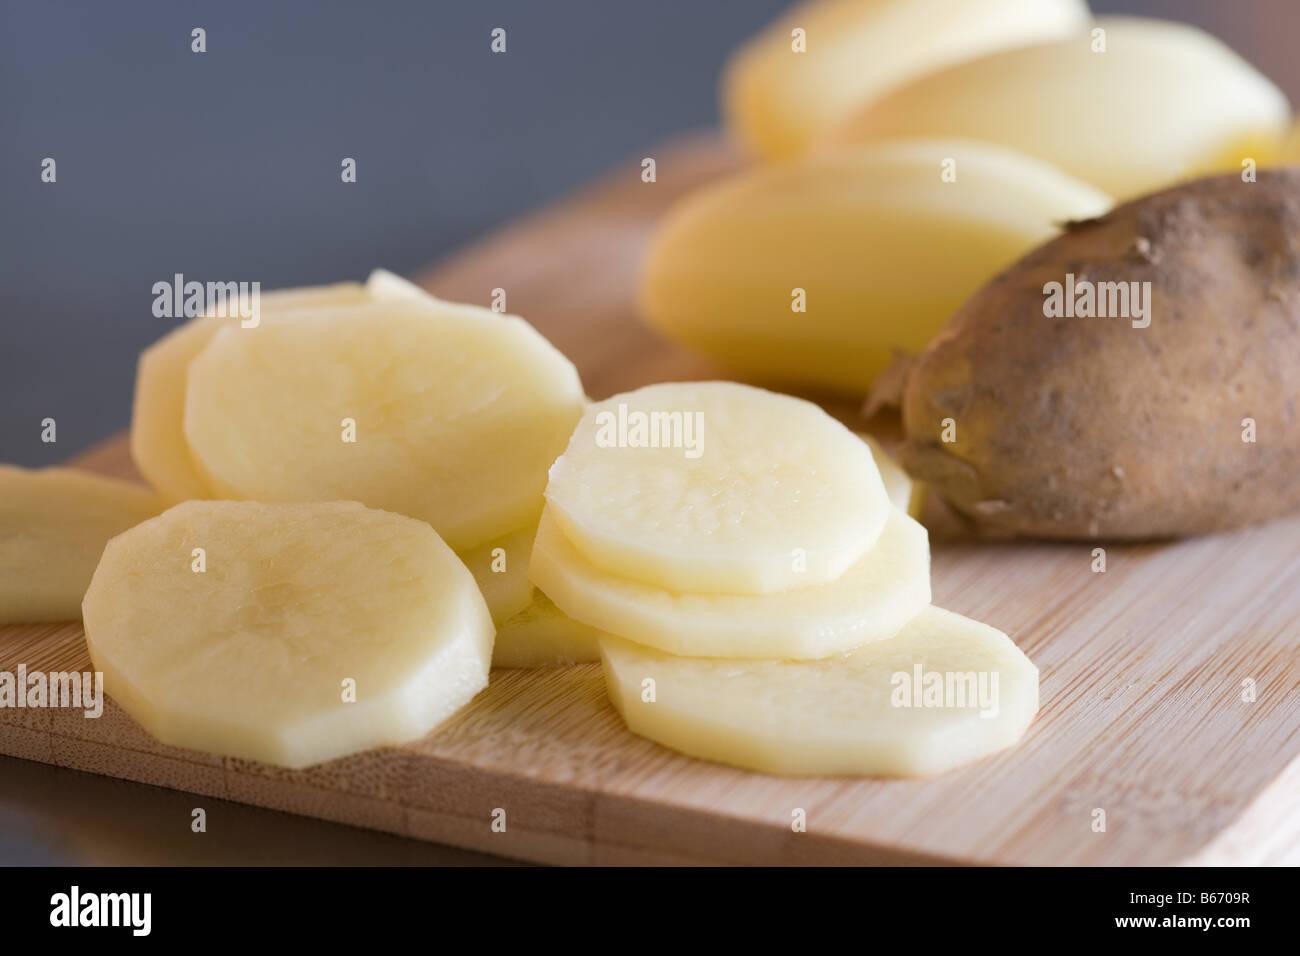 Slices of raw potato - Stock Image